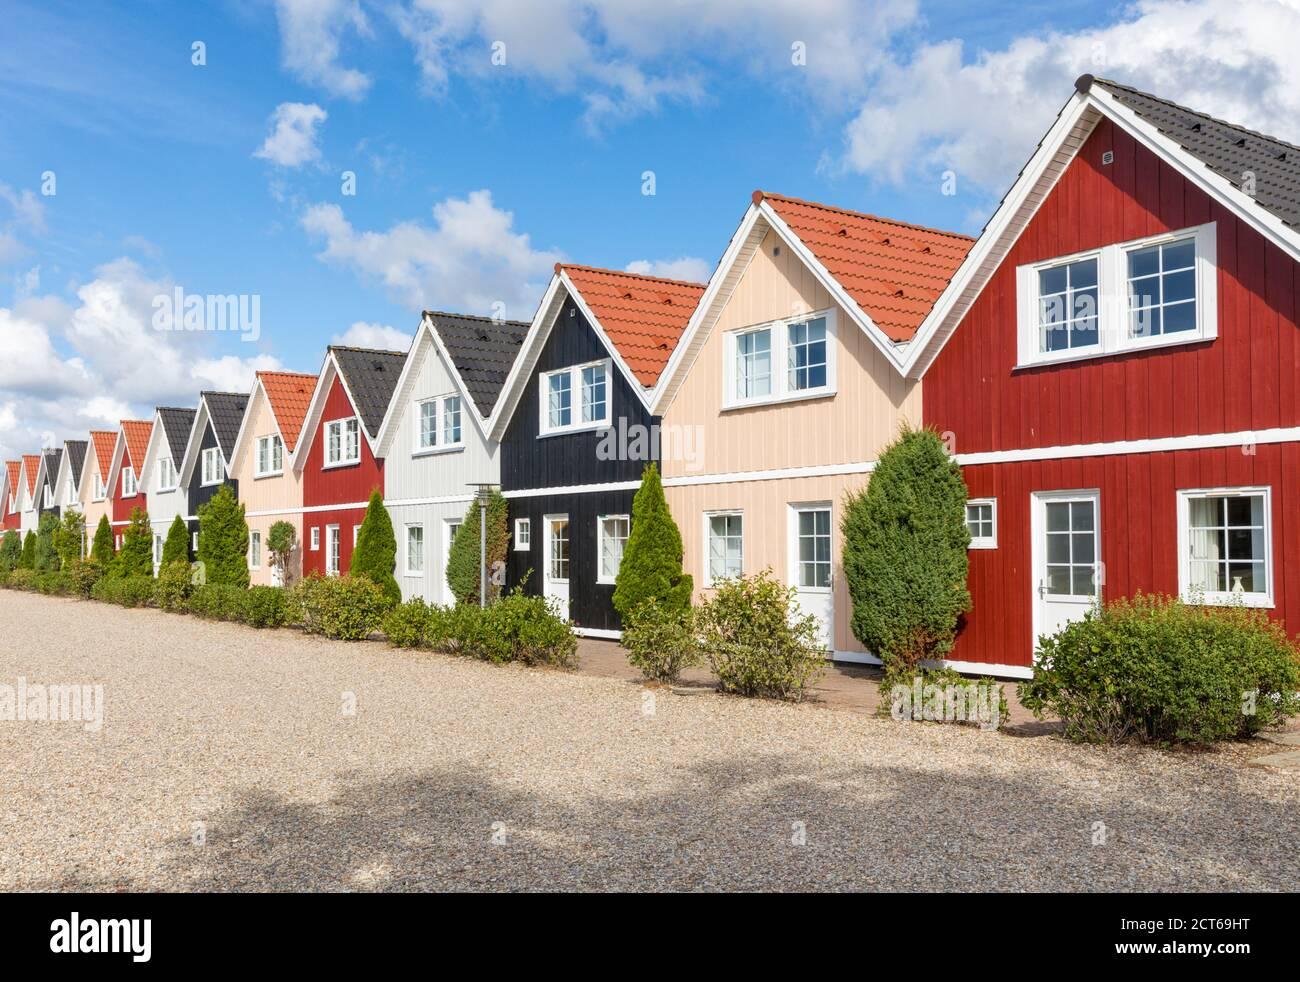 Rangée de maisons de vacances en bois presque identiques au Danemark Banque D'Images